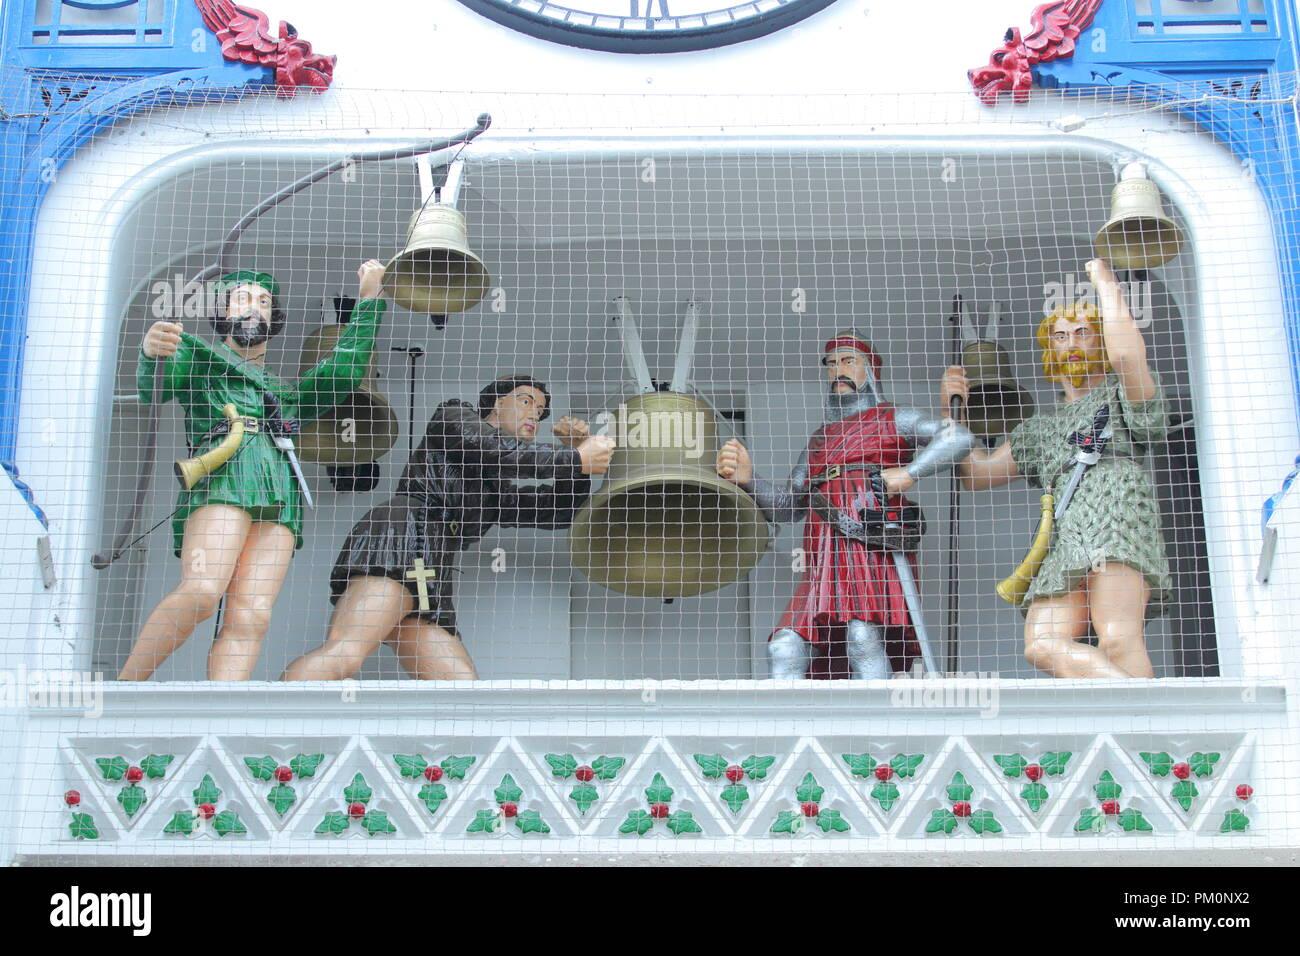 The Ivanhoe Clock in Thorntons Arcade in Leeds. - Stock Image